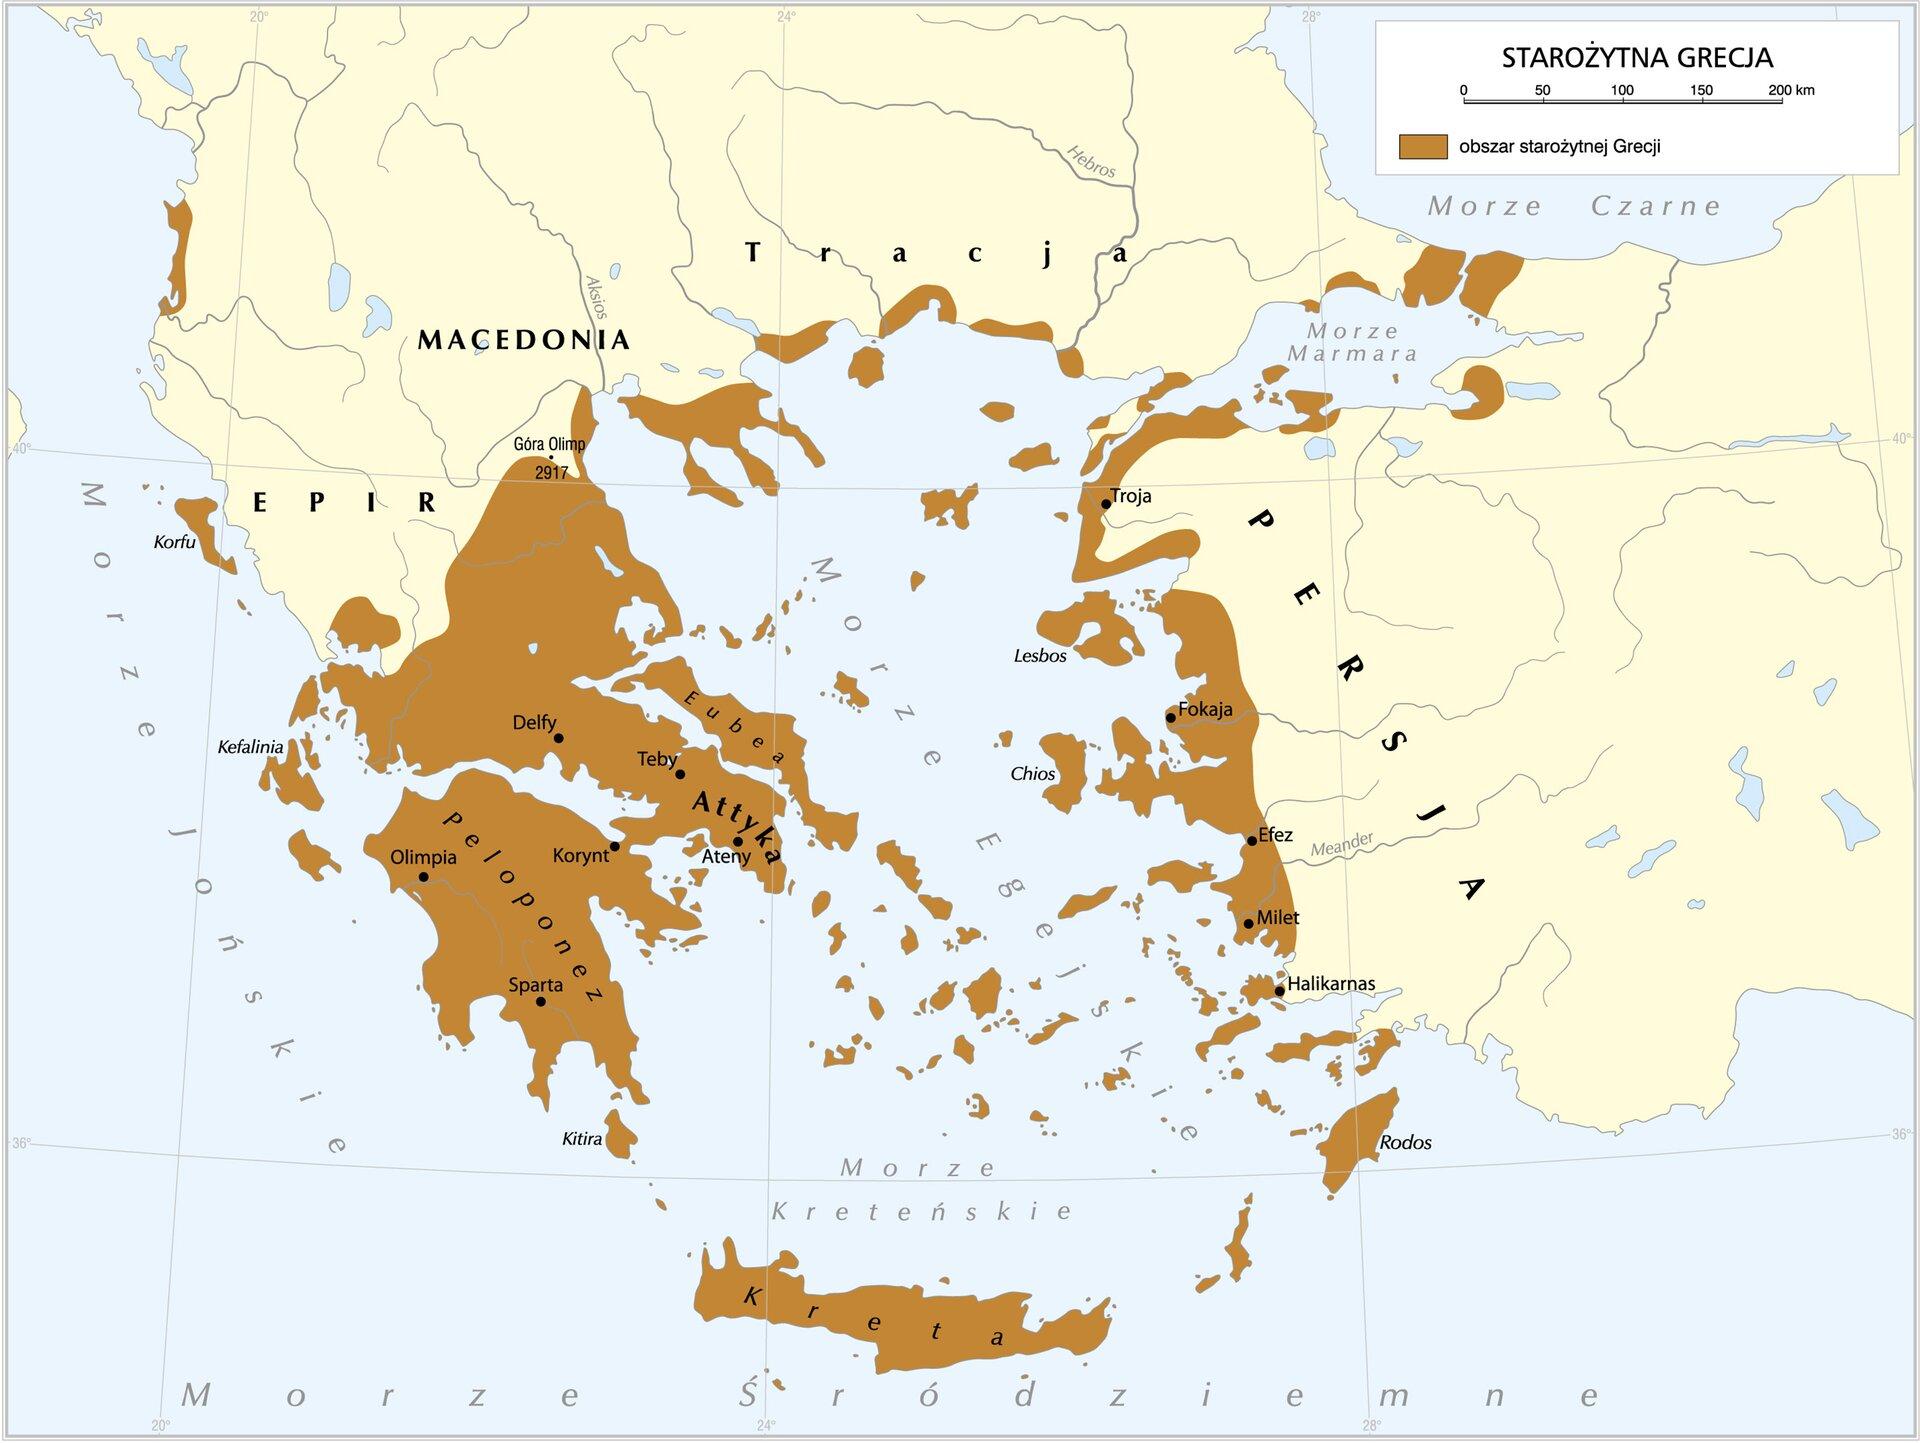 Grecja to kraj położony wpołudniowej części Półwyspu Bałkańskiego Grecja to kraj położony wpołudniowej części Półwyspu Bałkańskiego Źródło: Krystian Chariza izespół.